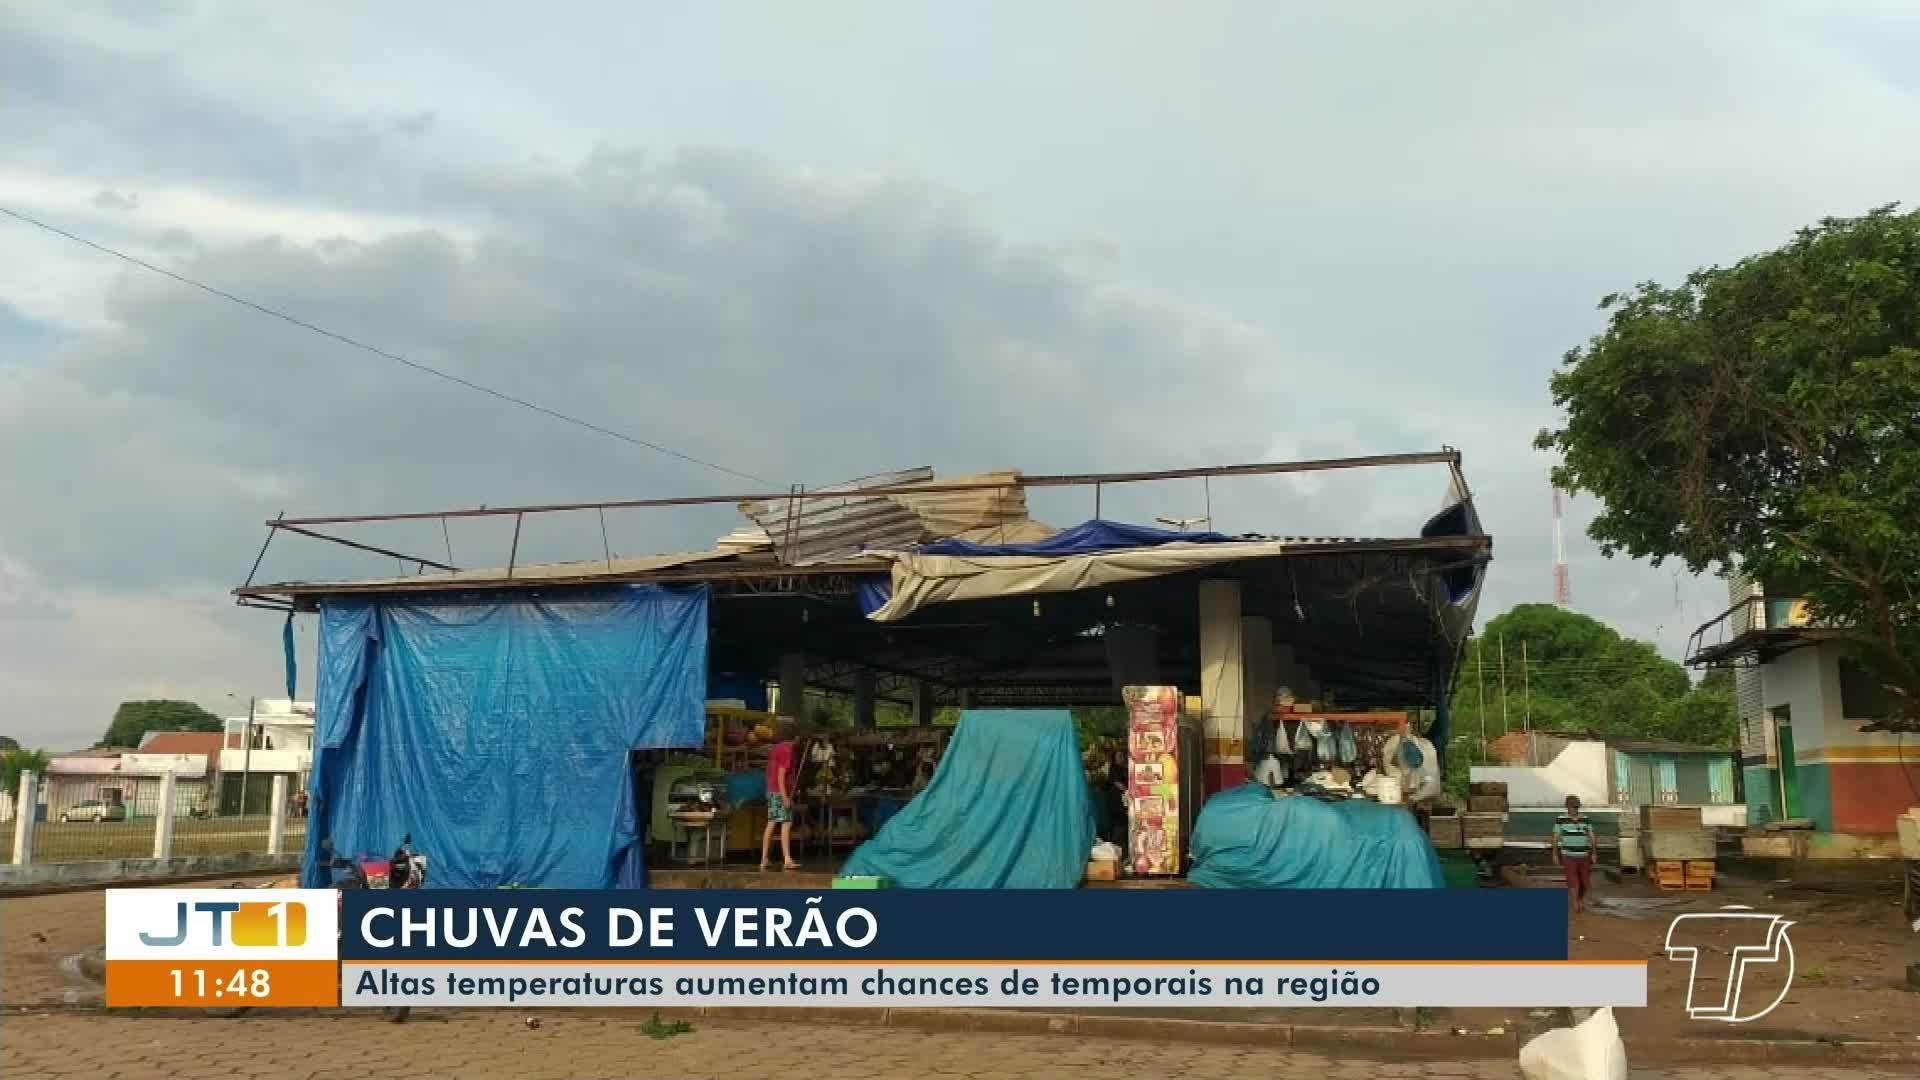 VÍDEOS: Jornal Tapajós 1ª Edição de sexta-feira, 22 de outubro